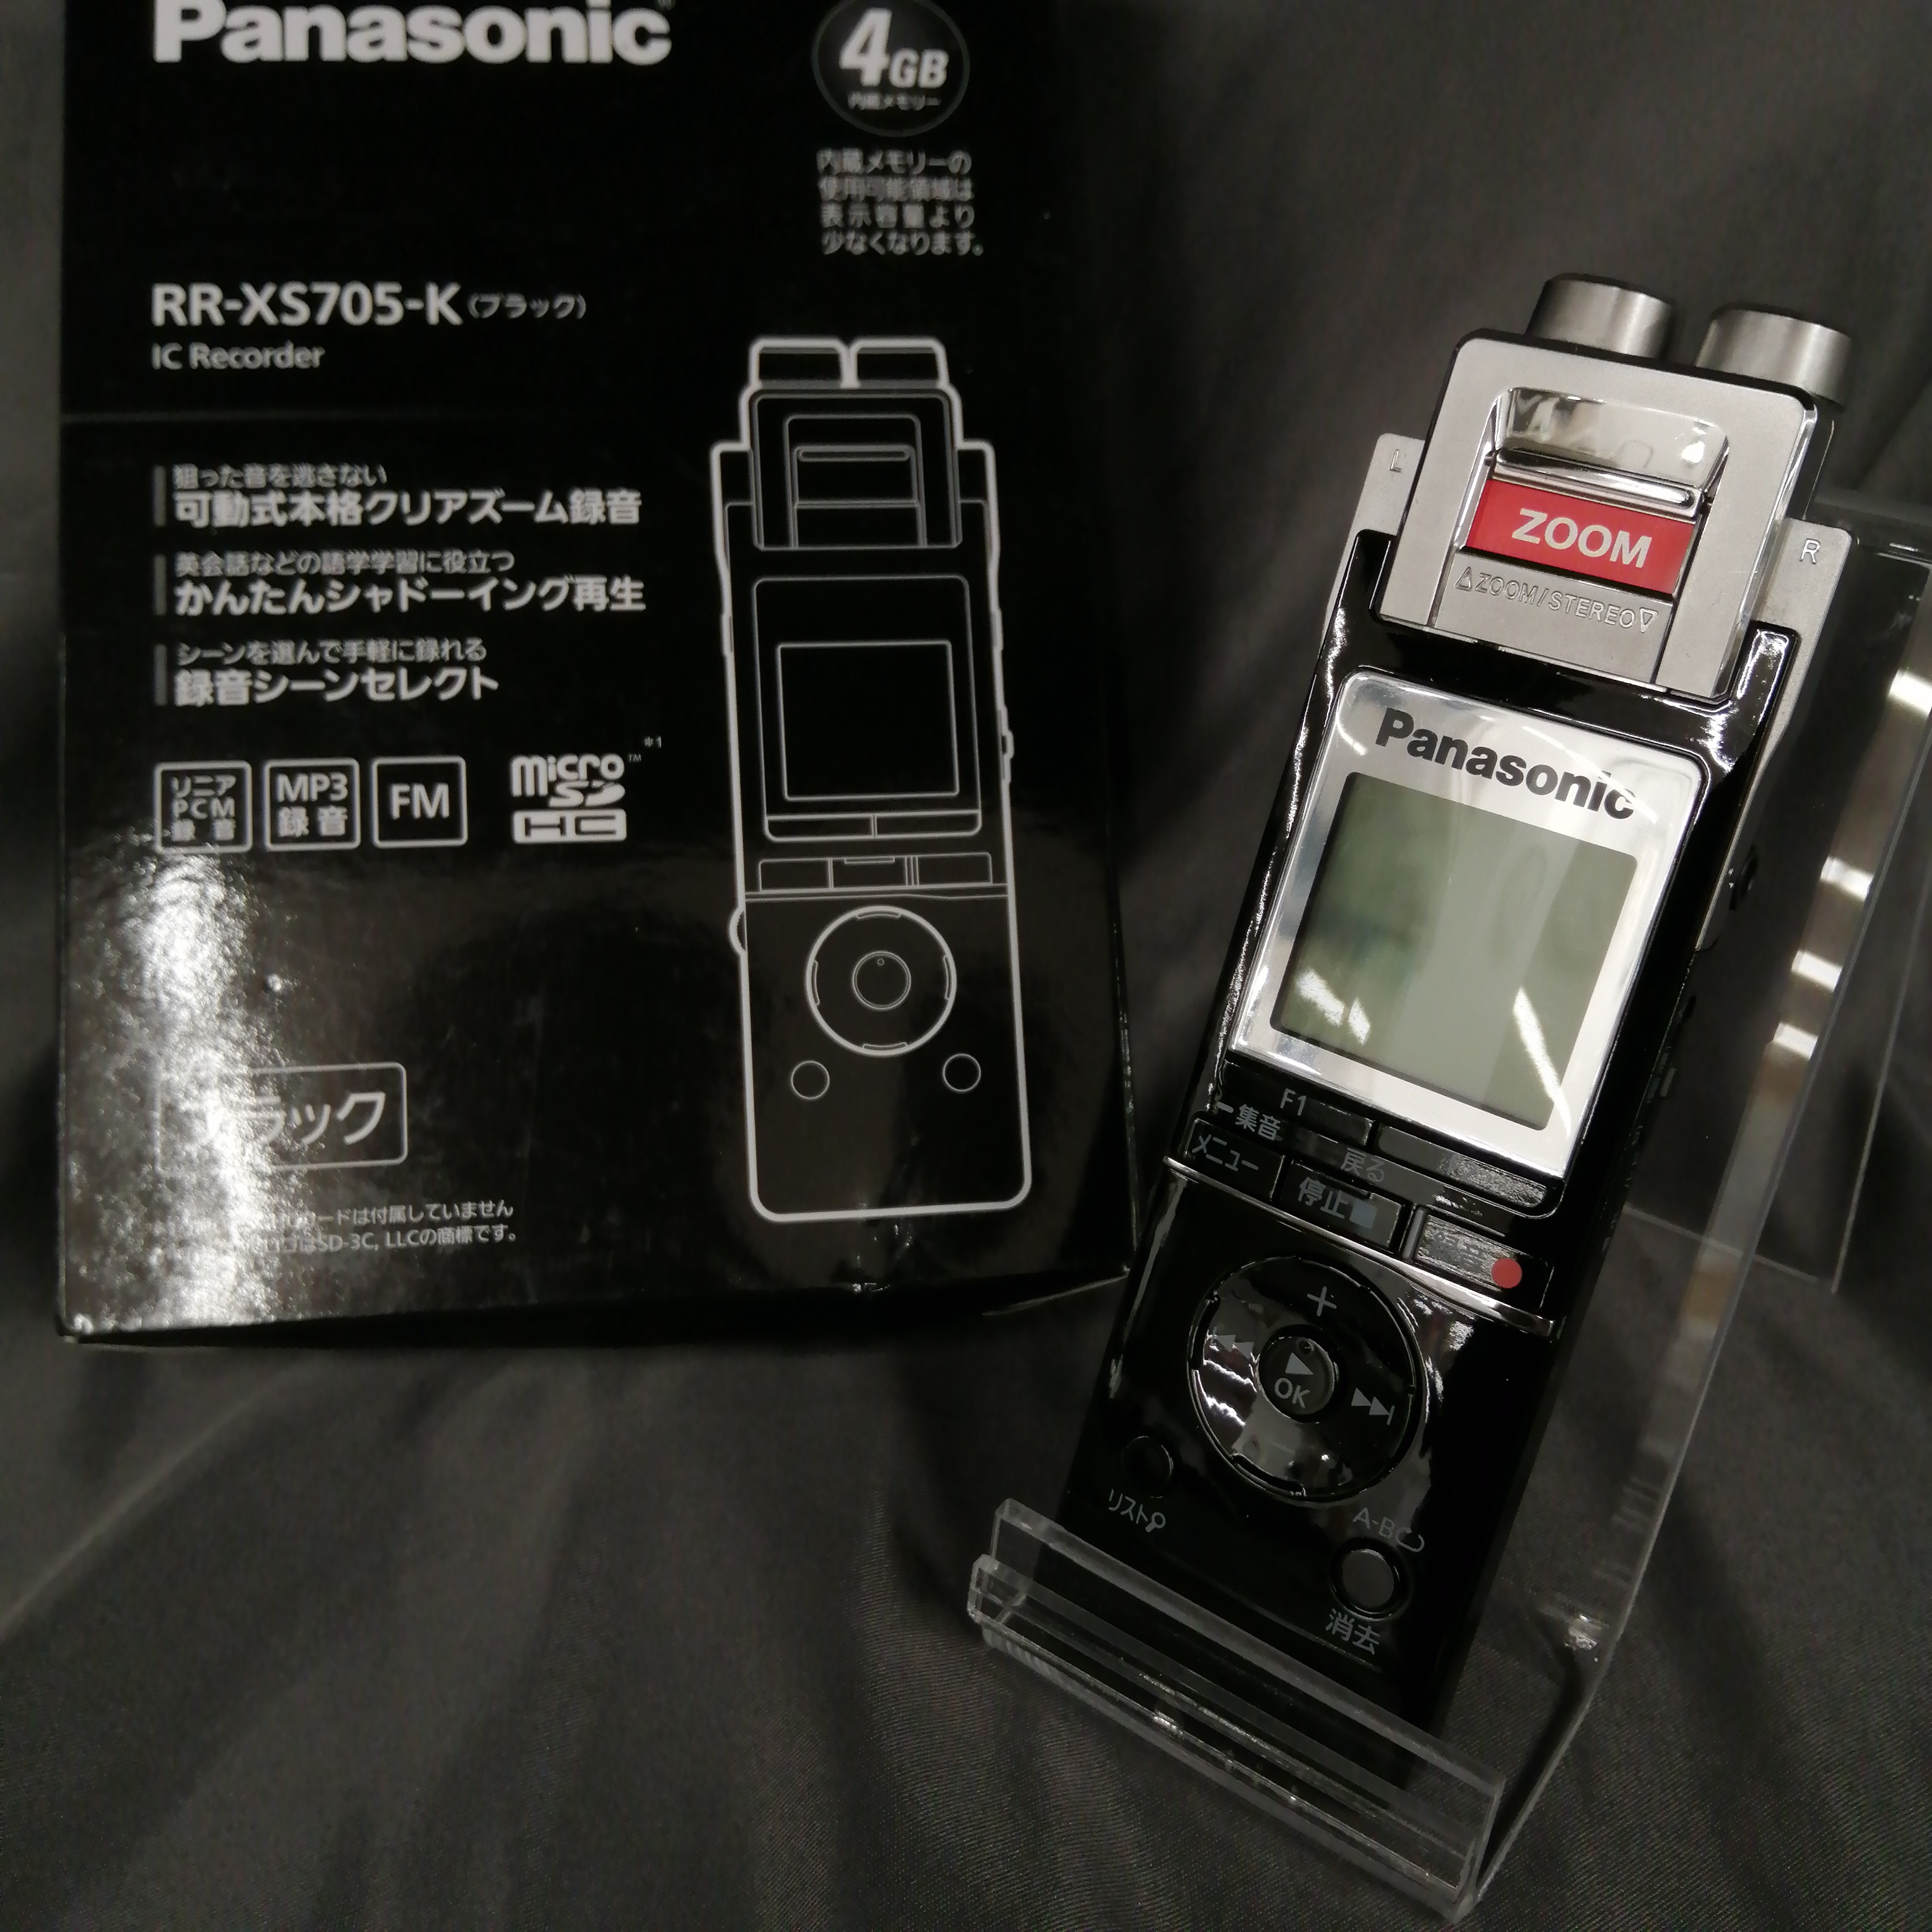 【最大録音時間:1069時間】 PANASONIC